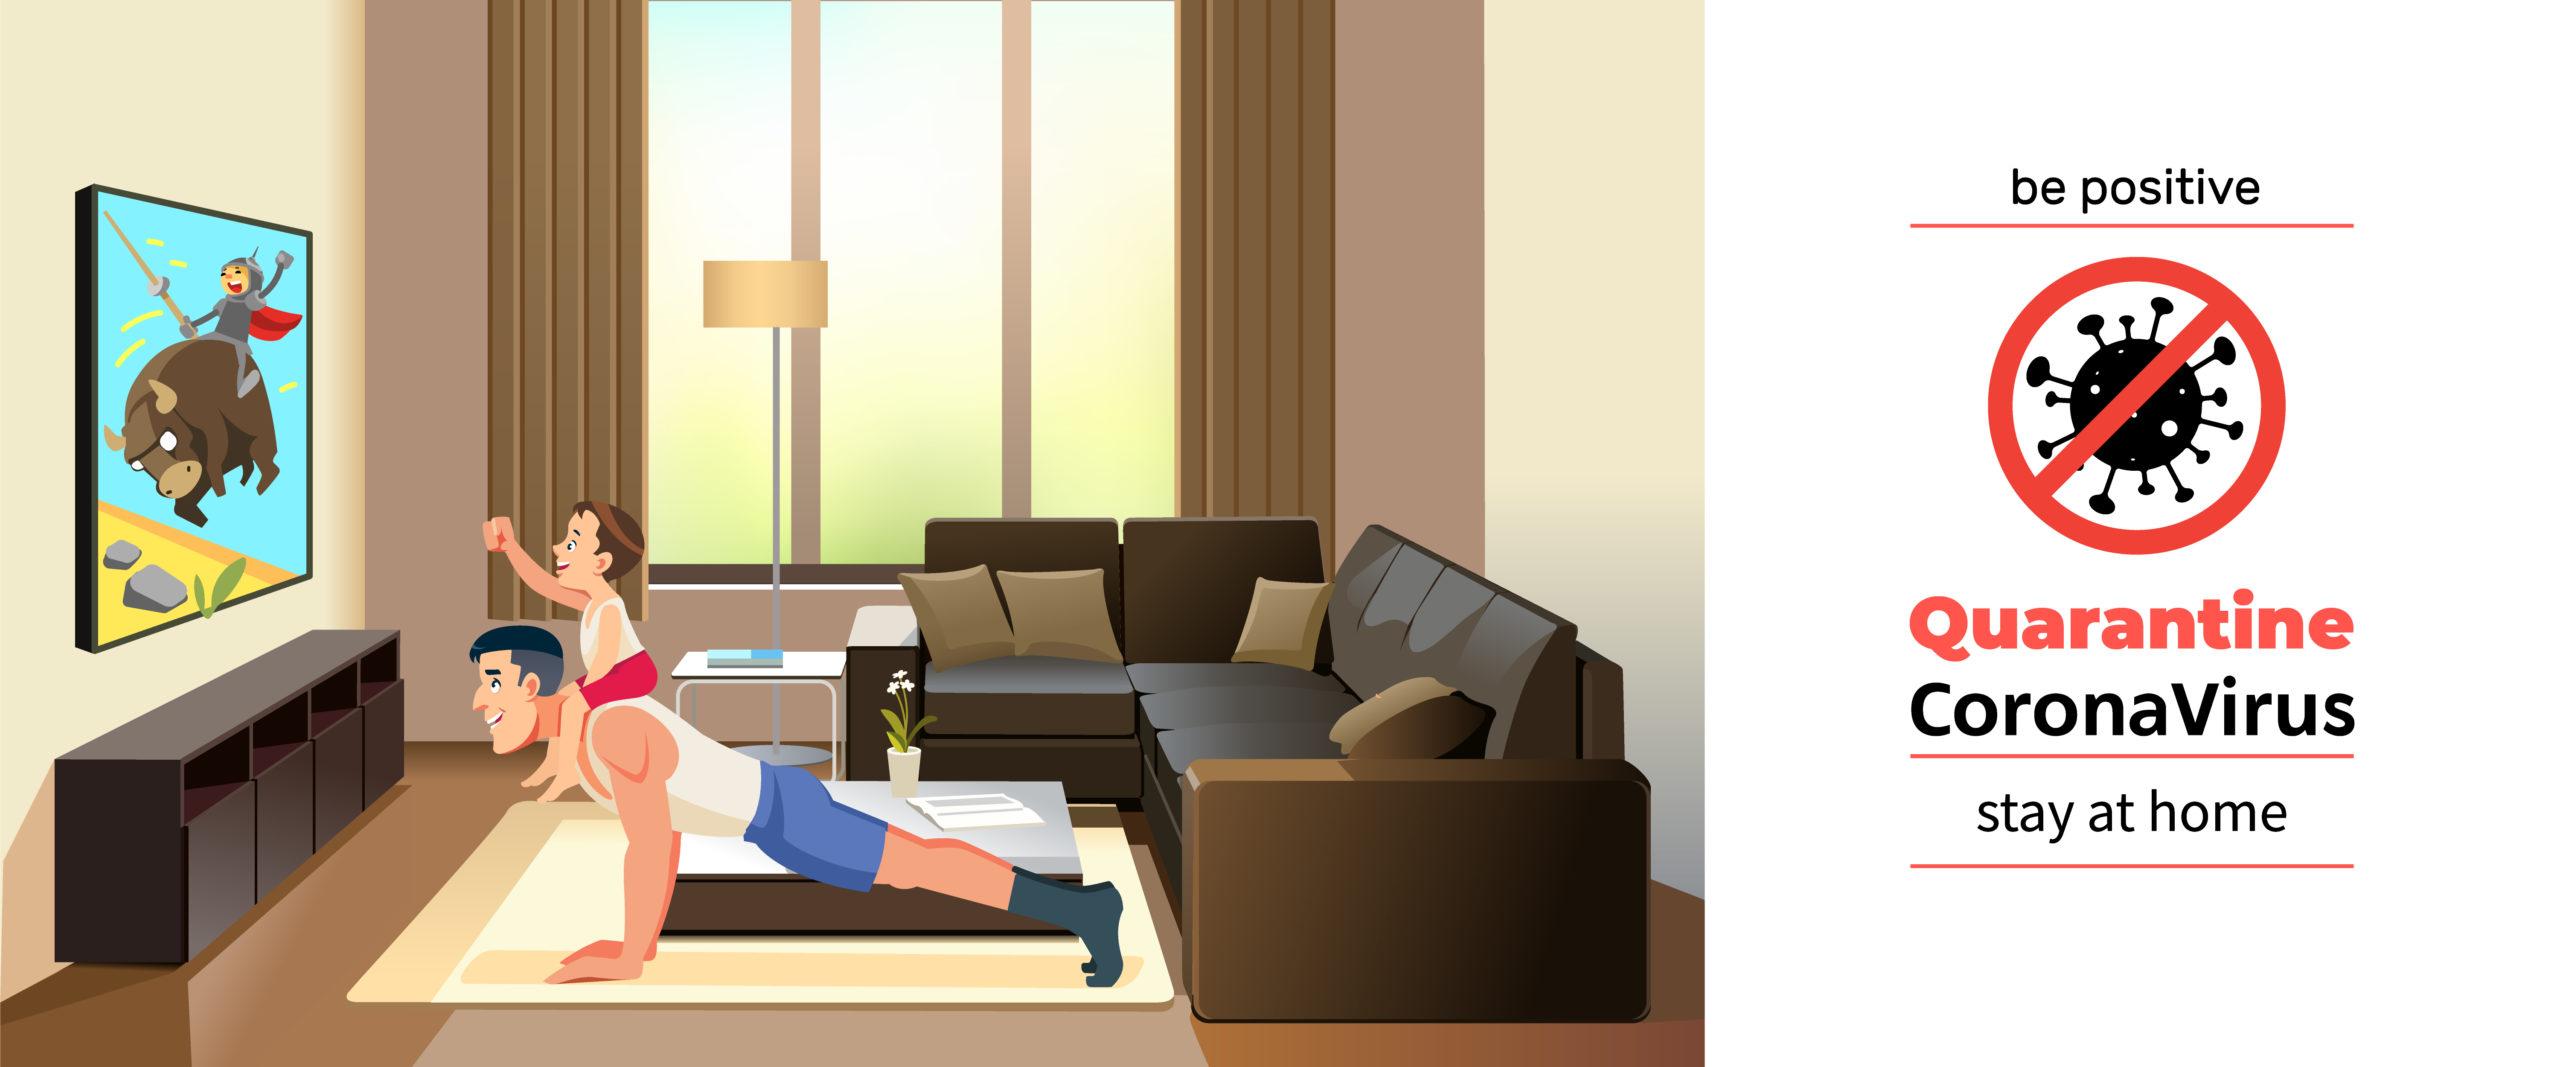 自宅で誰にでも出来る運動でストレス発散しよう【 5つの方法 】